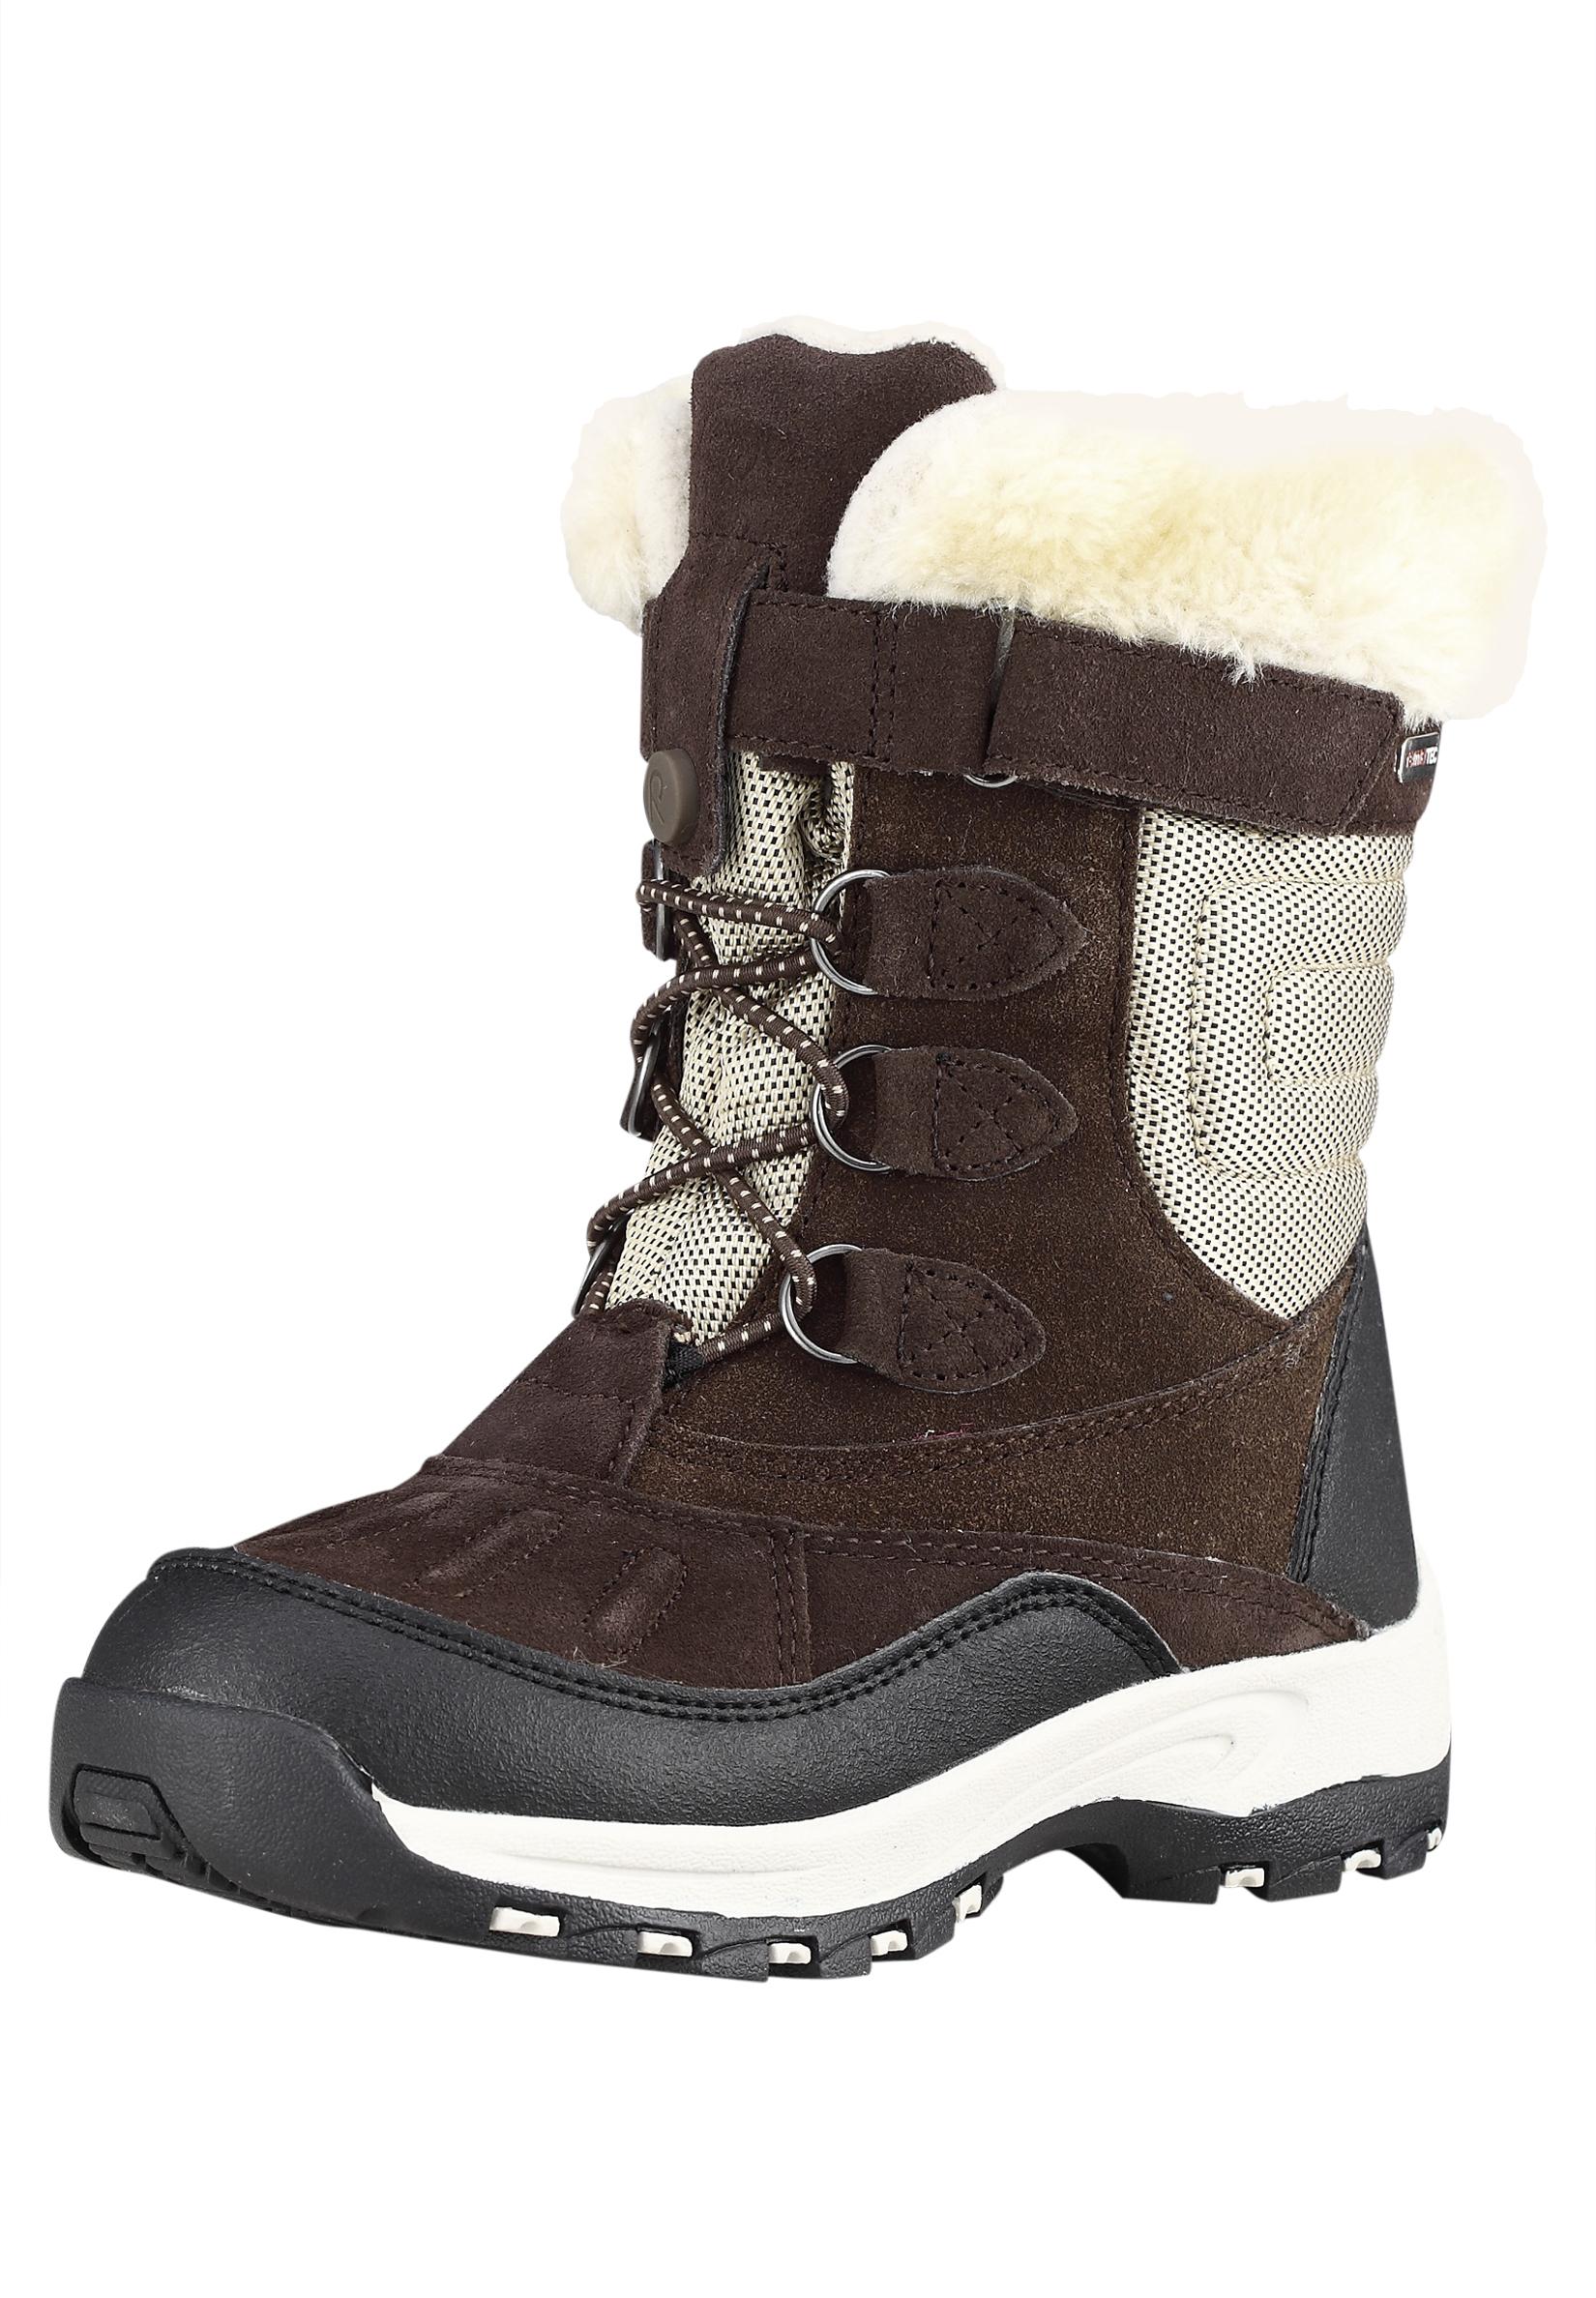 Ботинки городские (высокие) Reima 2015-16 Hyrre brown, Обувь для города, 1197615  - купить со скидкой